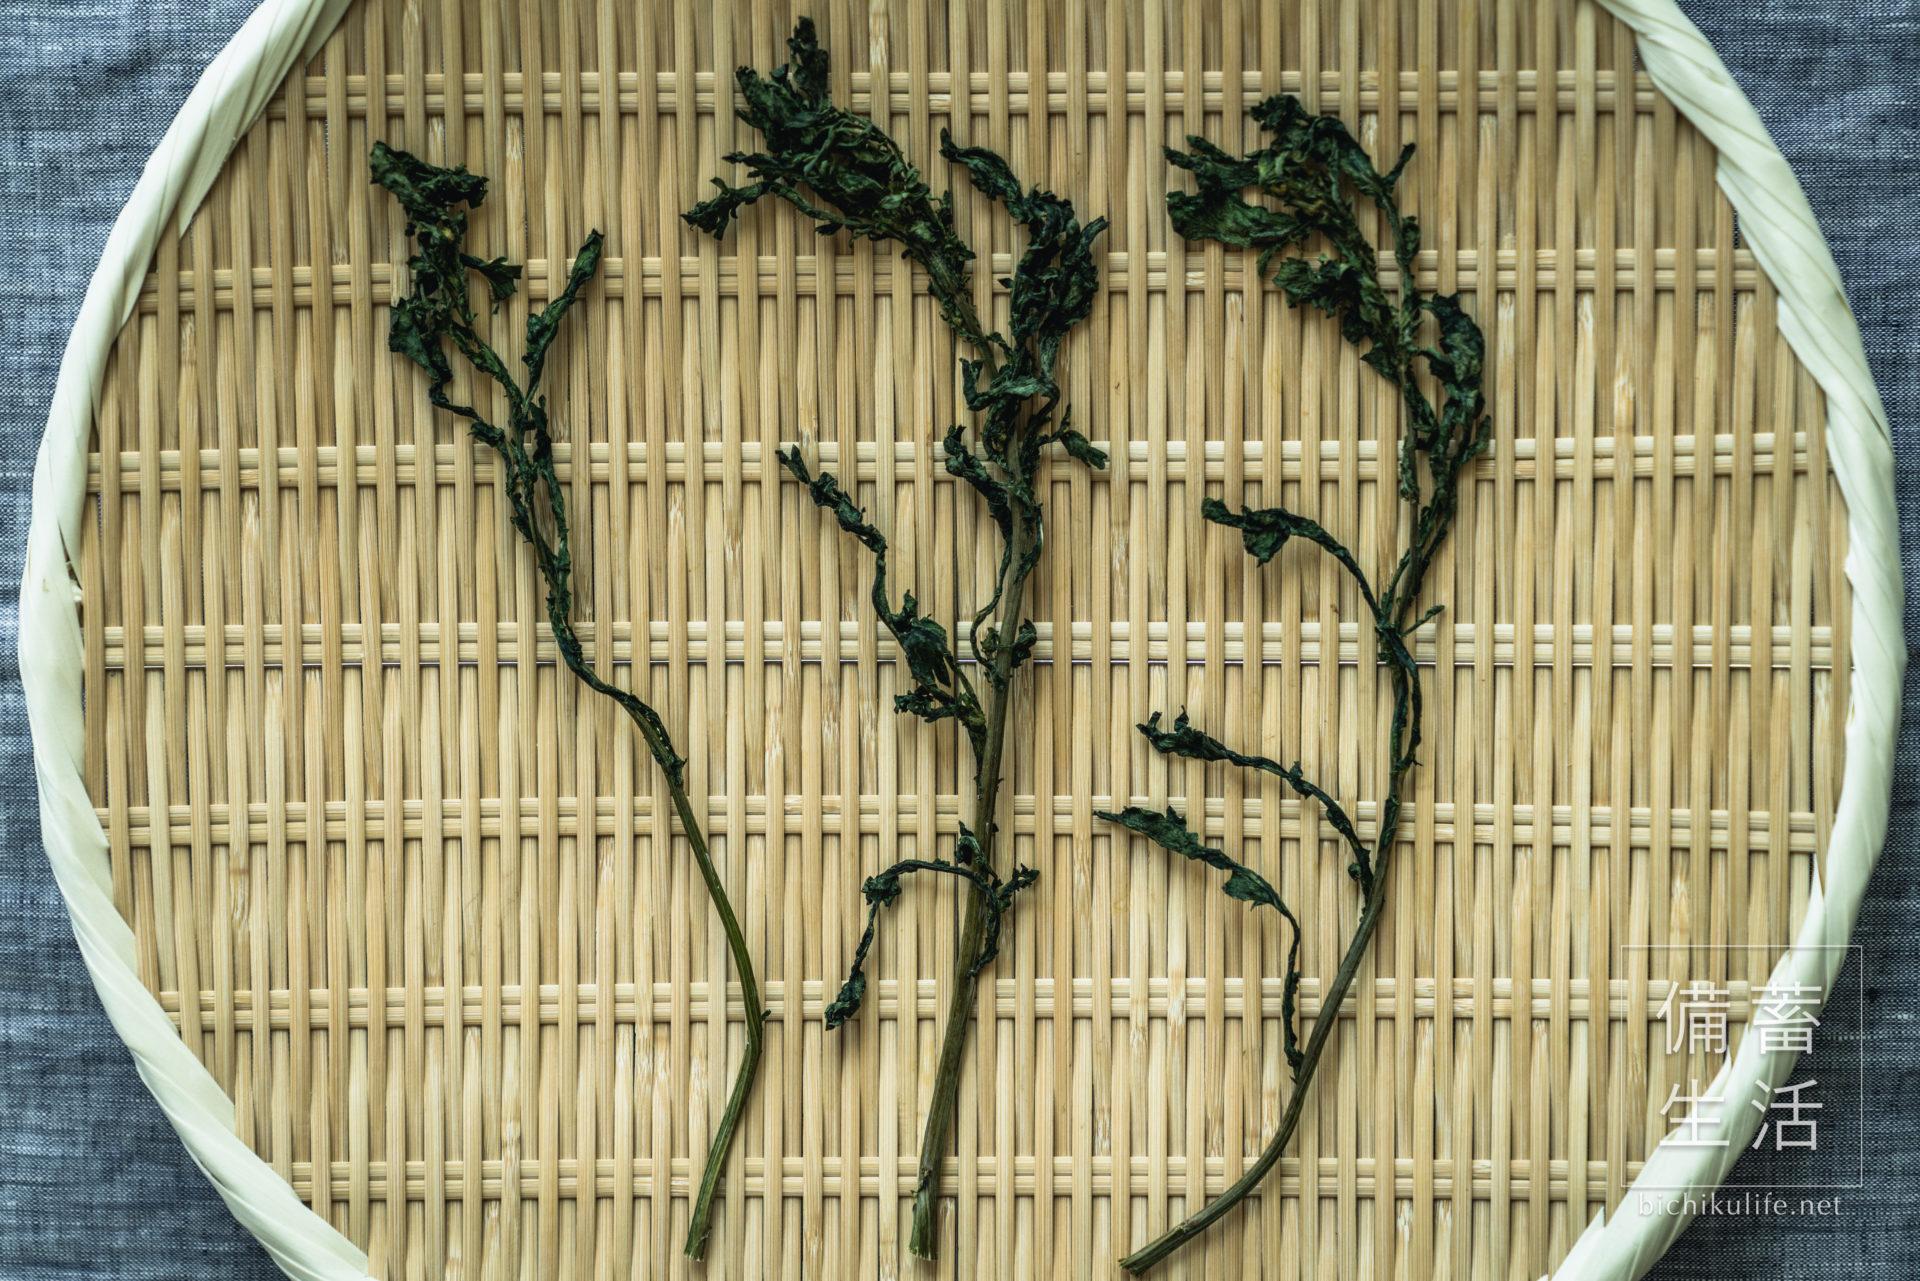 しゅんぎく 干し野菜づくり|干し春菊の作り方